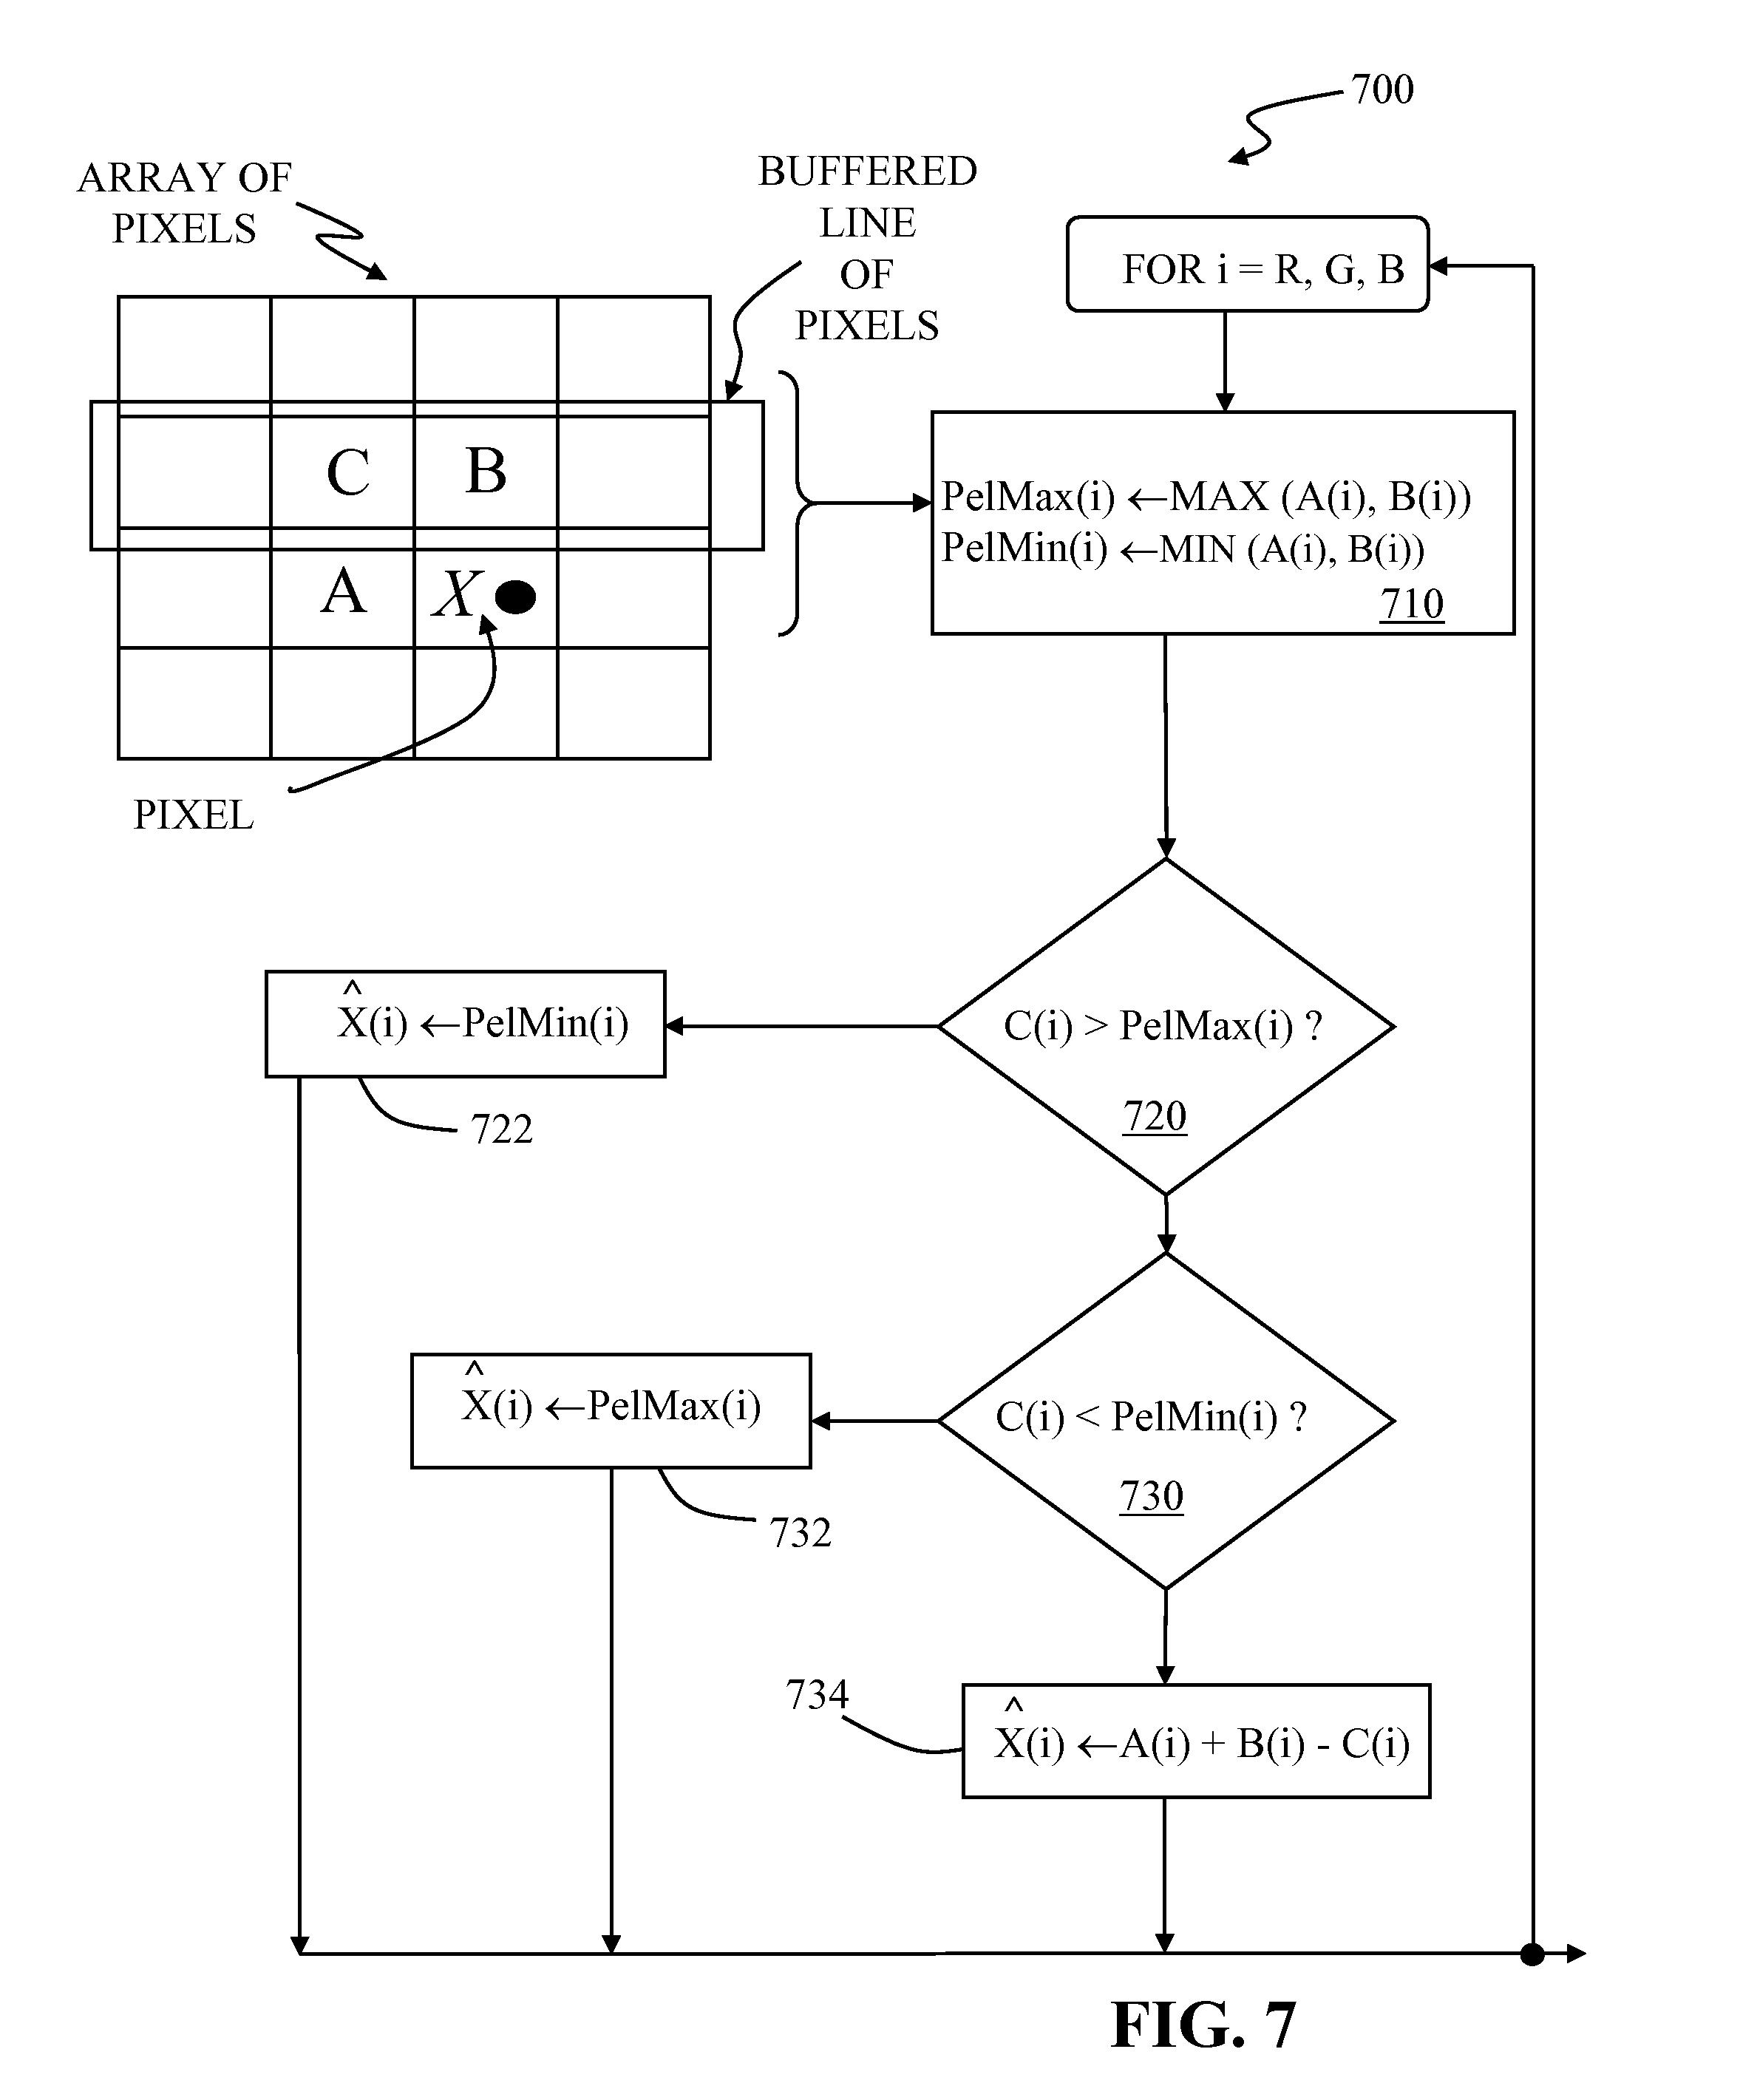 براءة الاختراع US8406314 - Two-dimensional DPCM with PCM